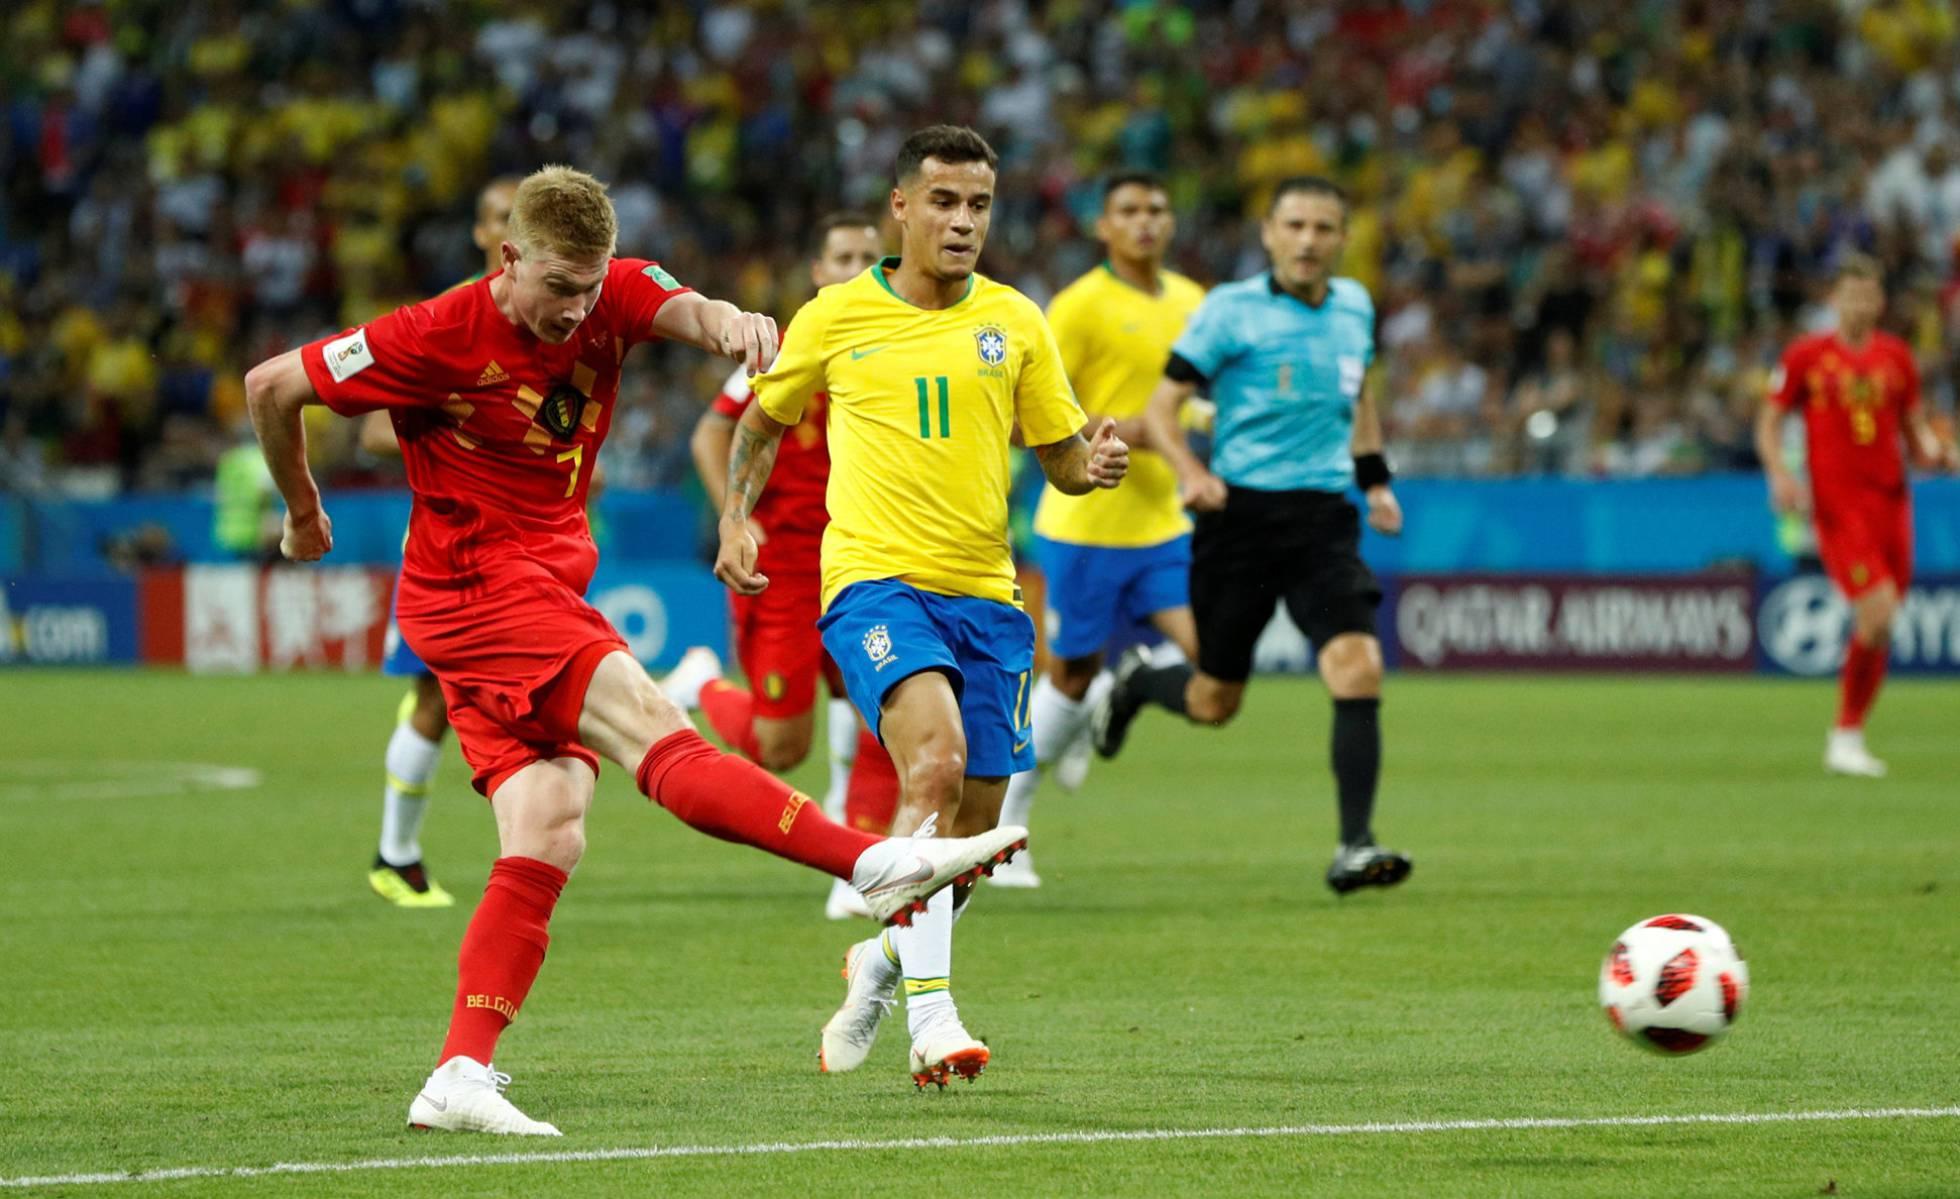 Bélgica elimina a Brasil y se clasifica para jugar las semifinales del Mundial (1-2)